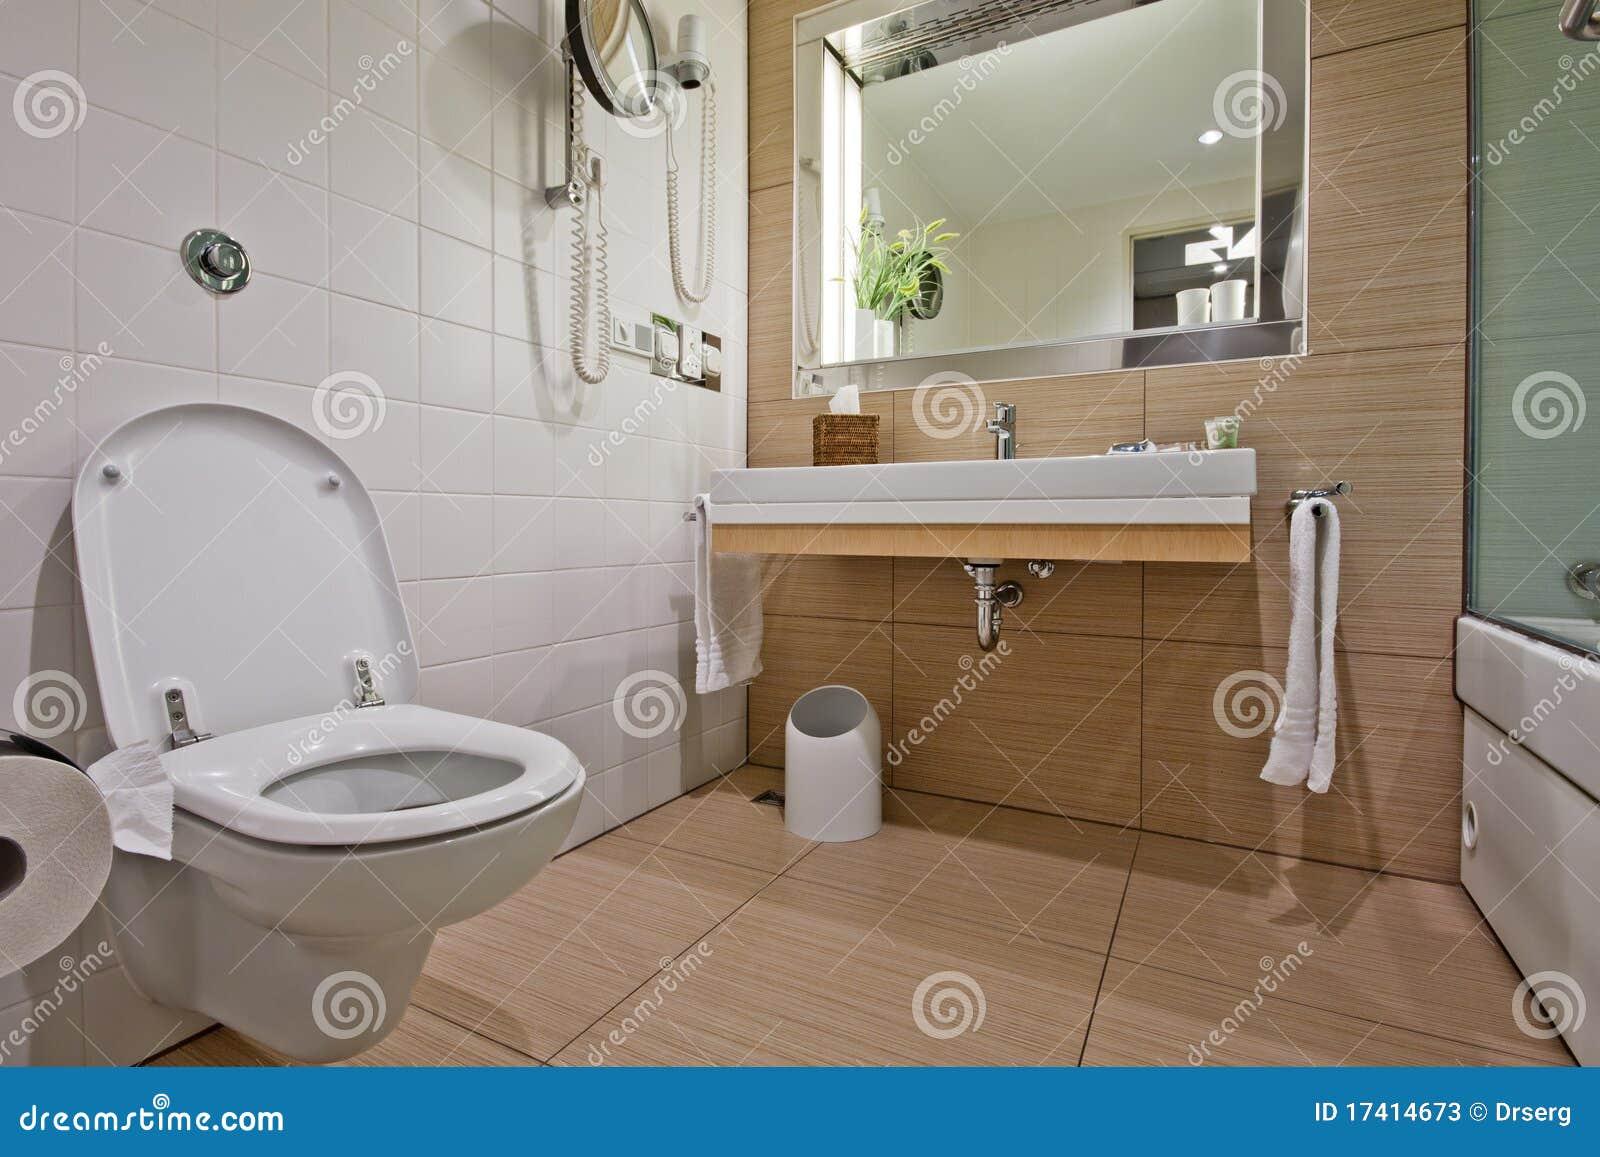 Chambre avec salle de bain et toilette – lombards